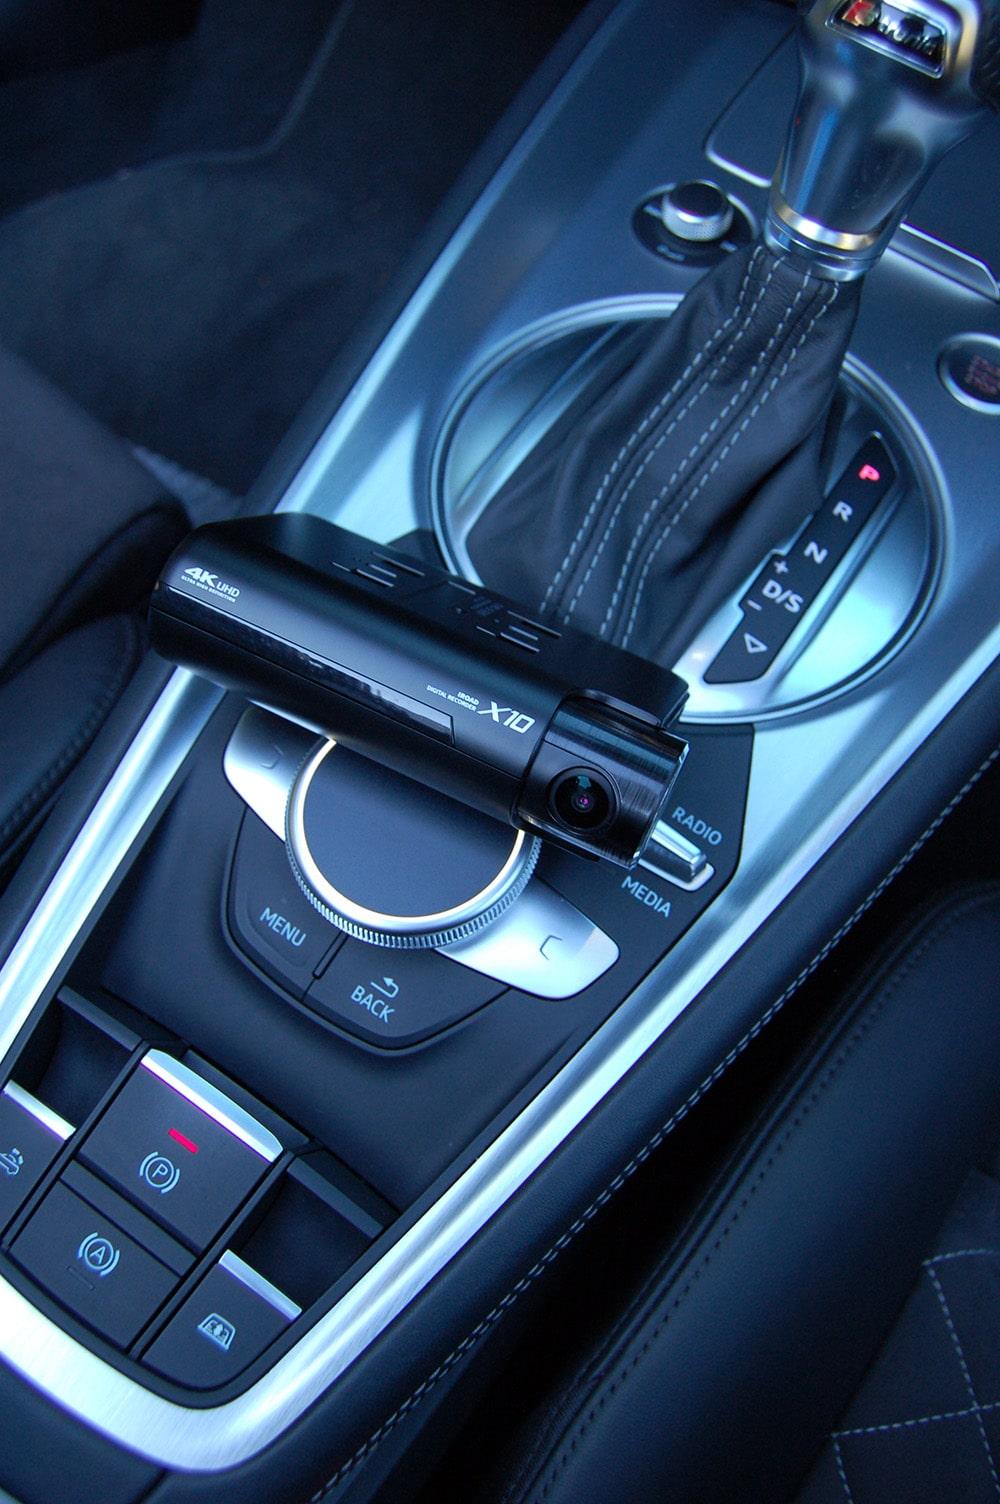 X10 Dash Cam in Car